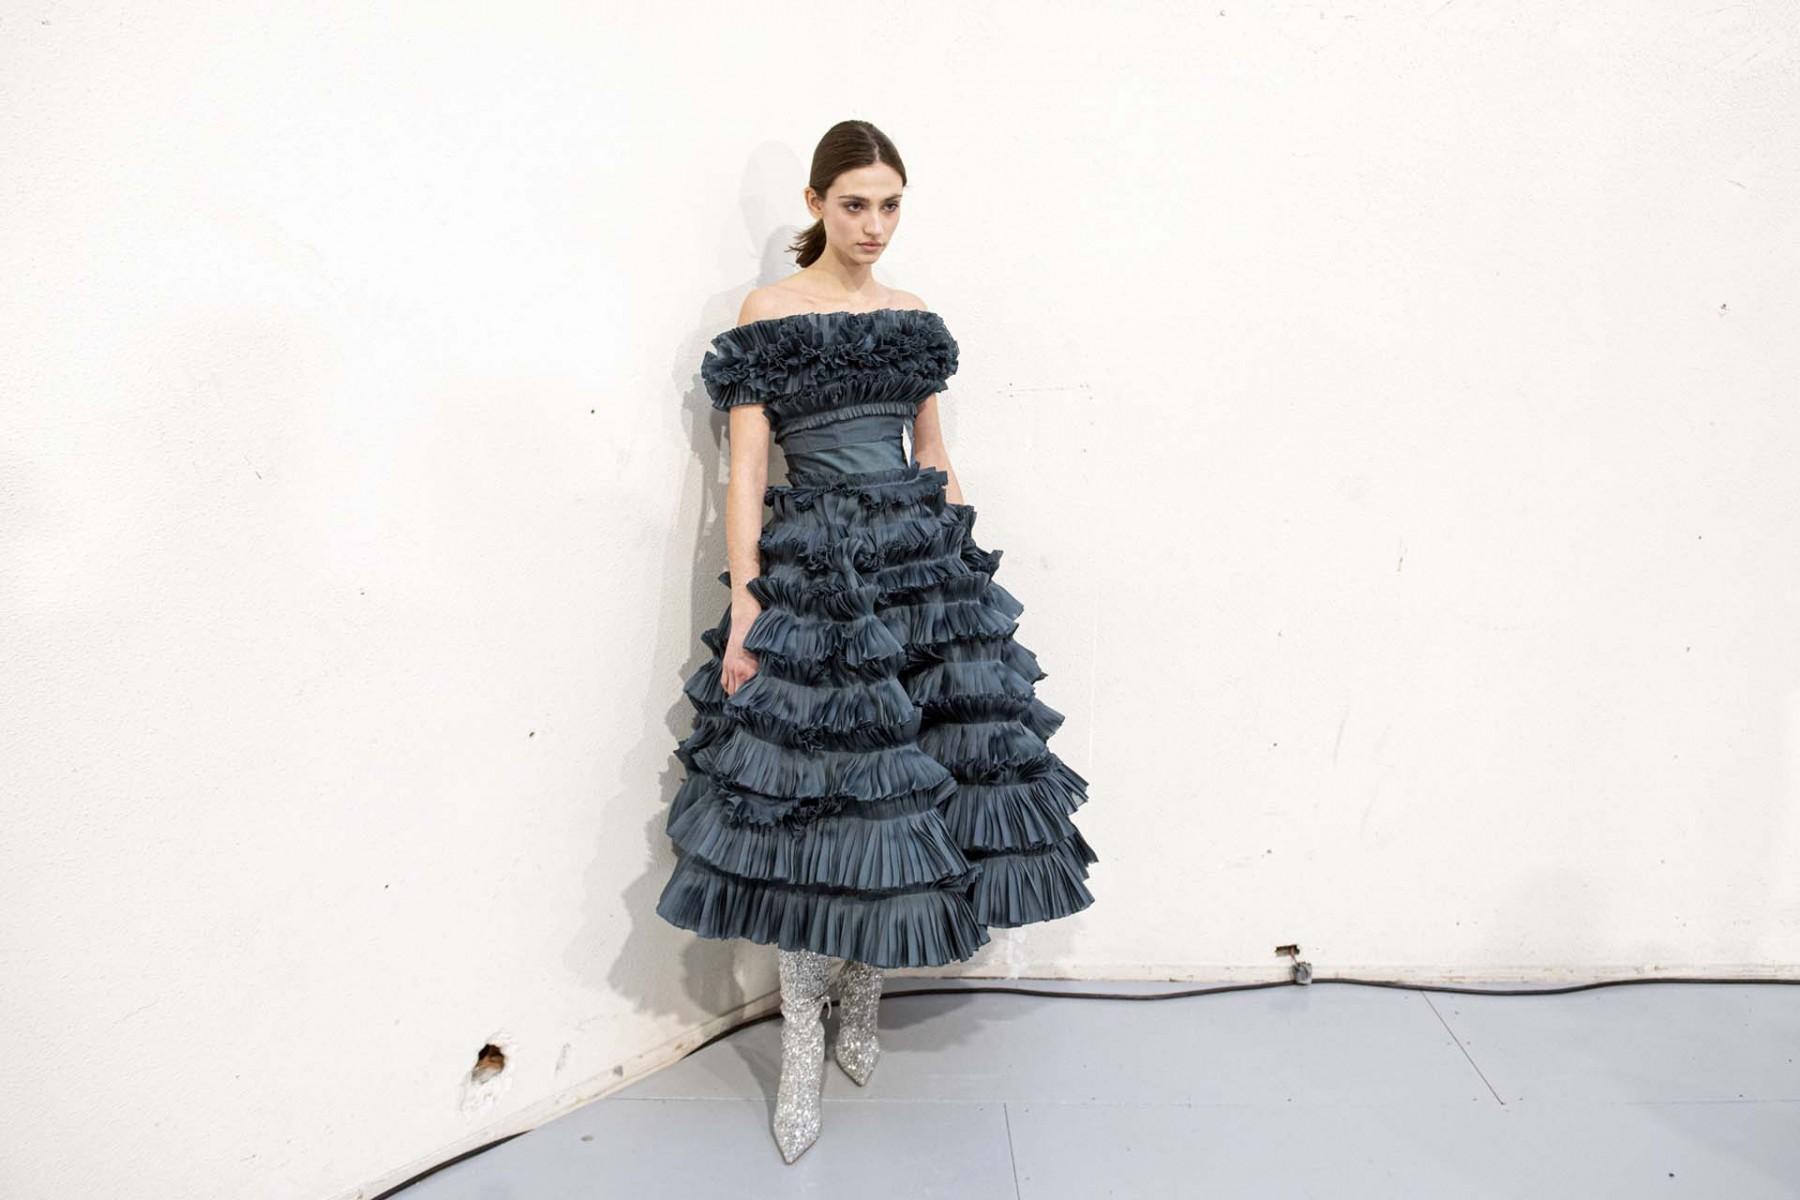 Alexandre-Vauthier-Printemps-Eté-2020-Haute-couture-Paris-3